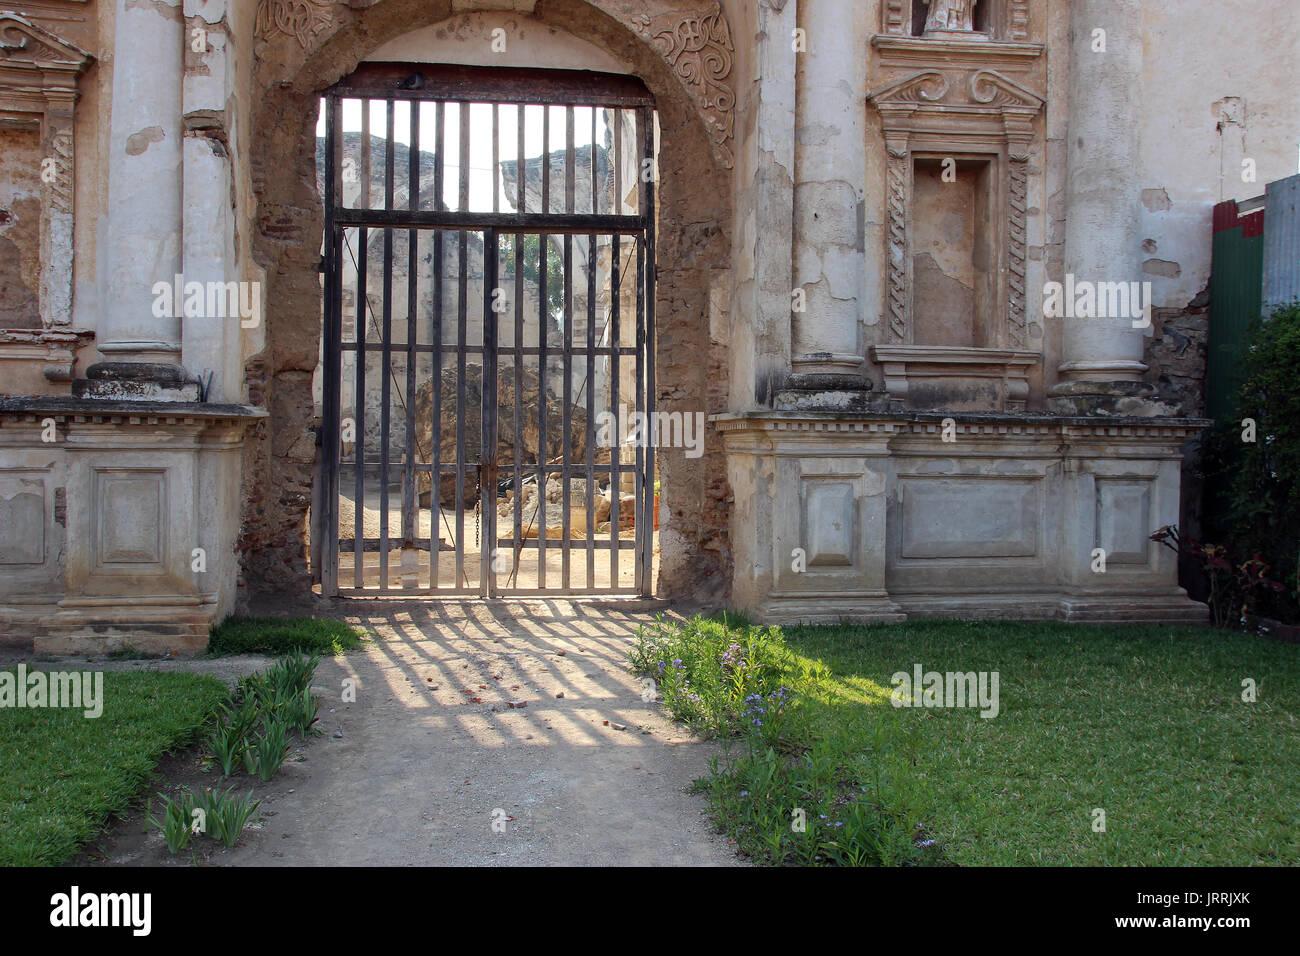 Ruinas de Iglesia vieja, en La Antigua Guatemala, adentro se pueden ver Escombros del techo y las paredes, esperando ser restaurados Stock Photo